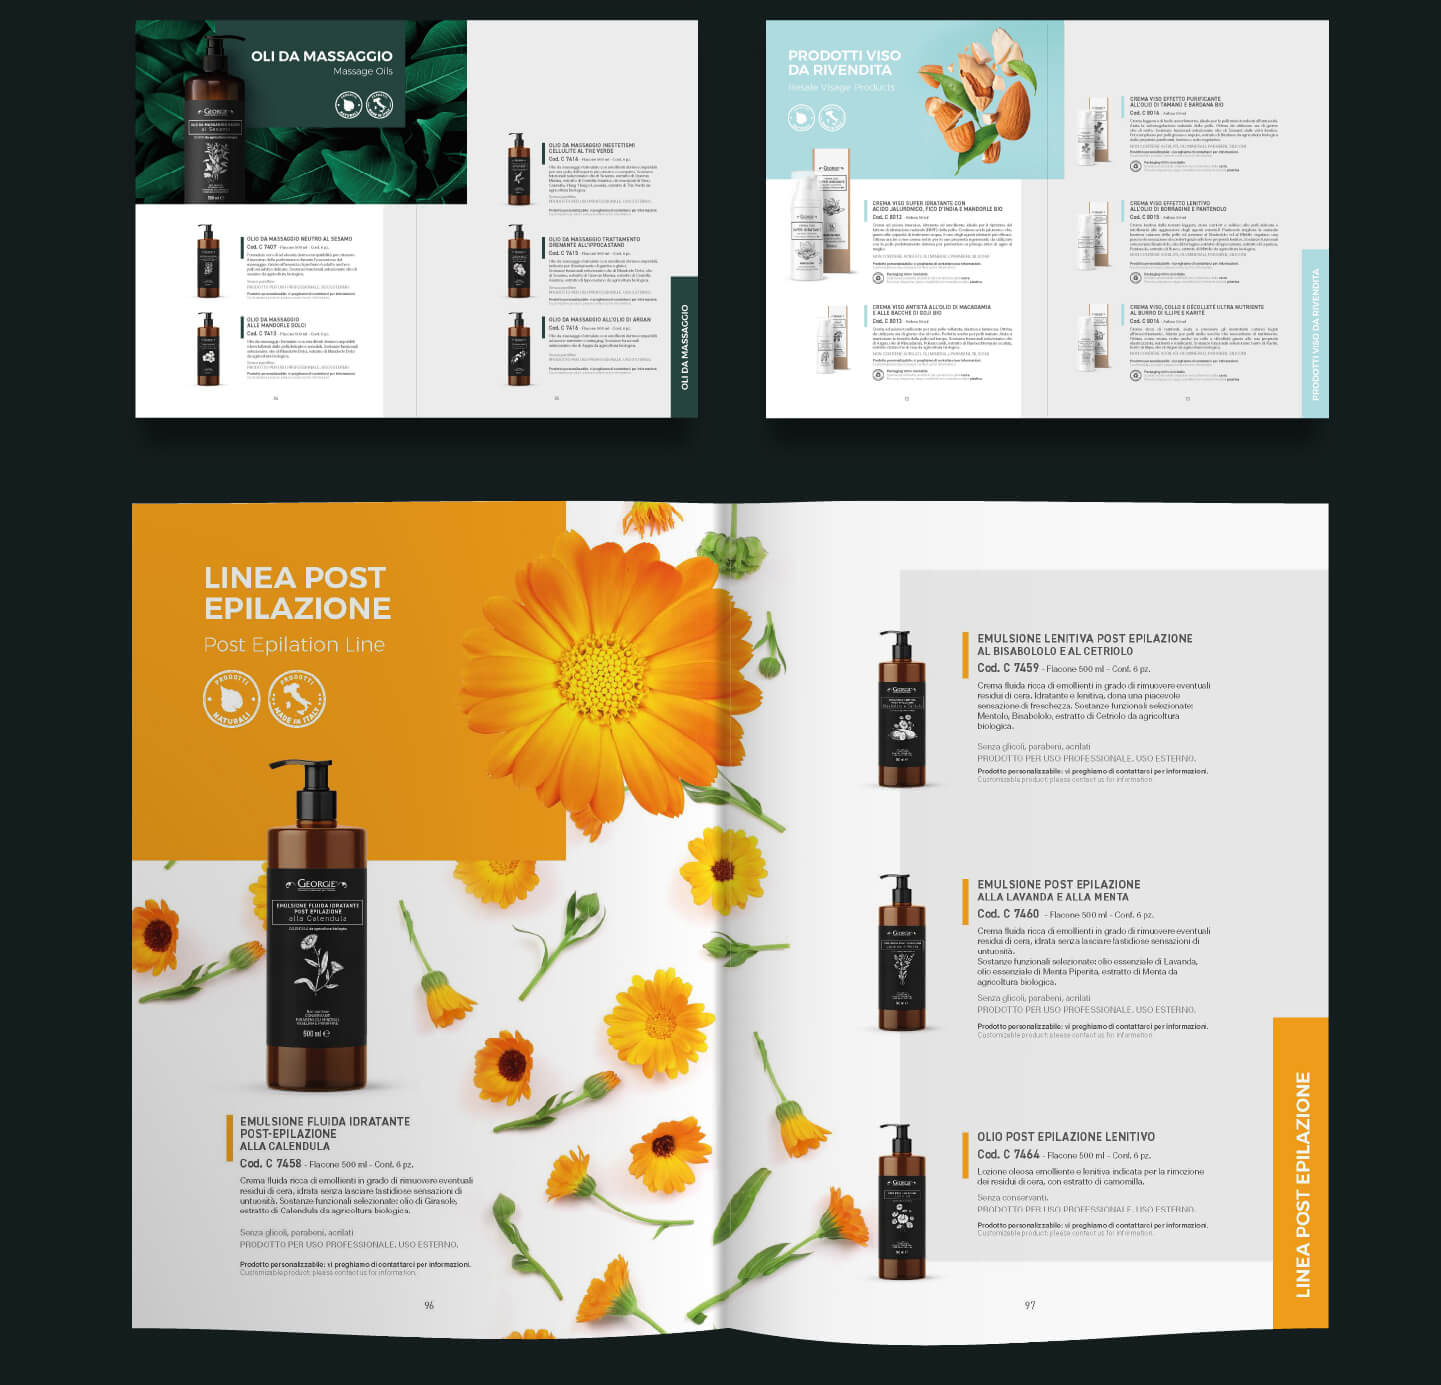 Catalogo Prodotti - Portfolio - Be Comunicazioni - Pubblicità e Marketing - GR Service - slide 04